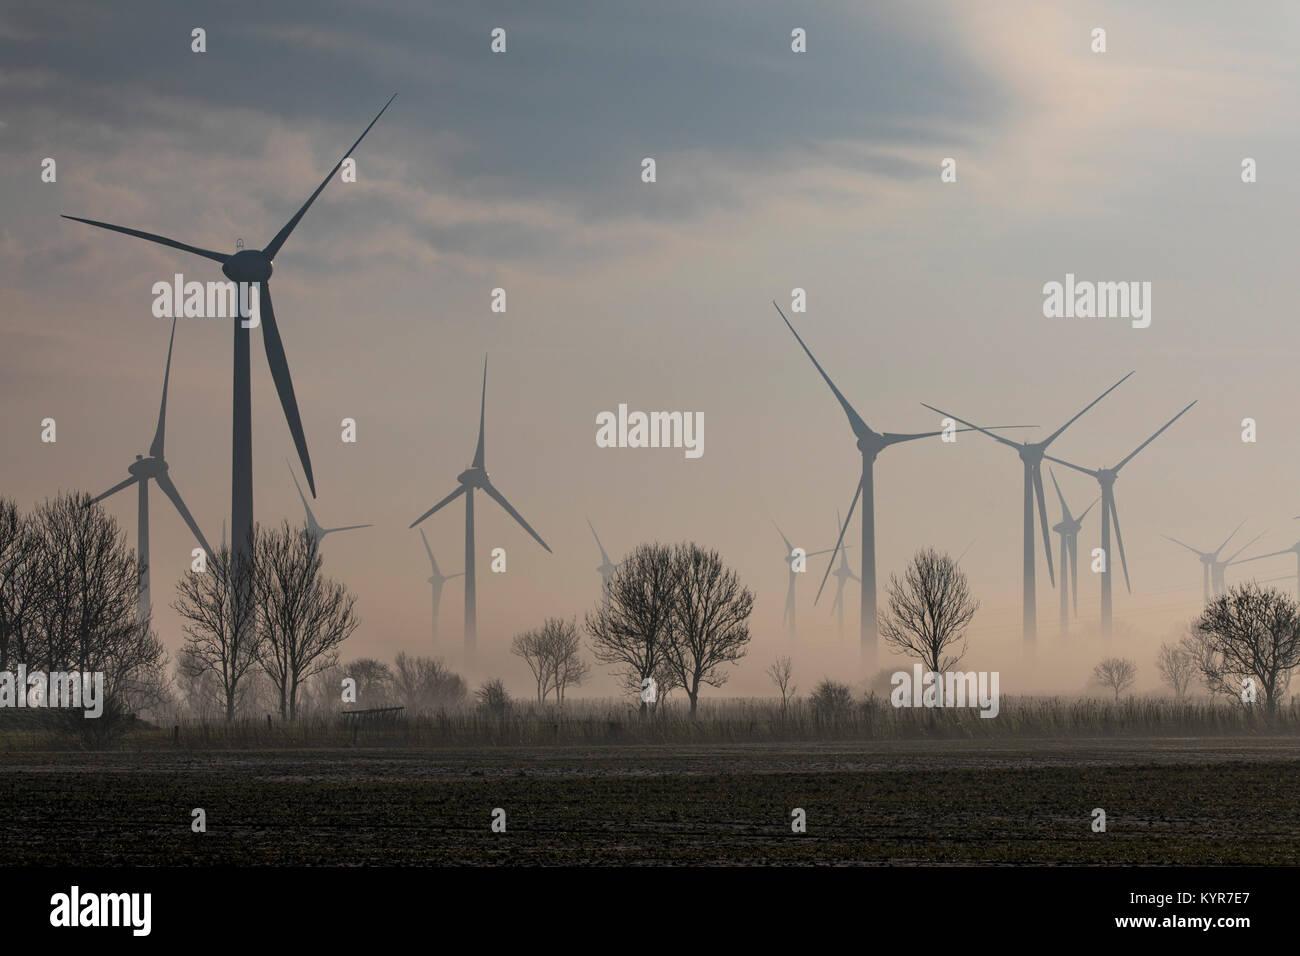 Windenergieanlagen und Windparks in Ostfriesland, Niedersachsen, Norddeutschland, nebliges Winterwetter, Stockbild